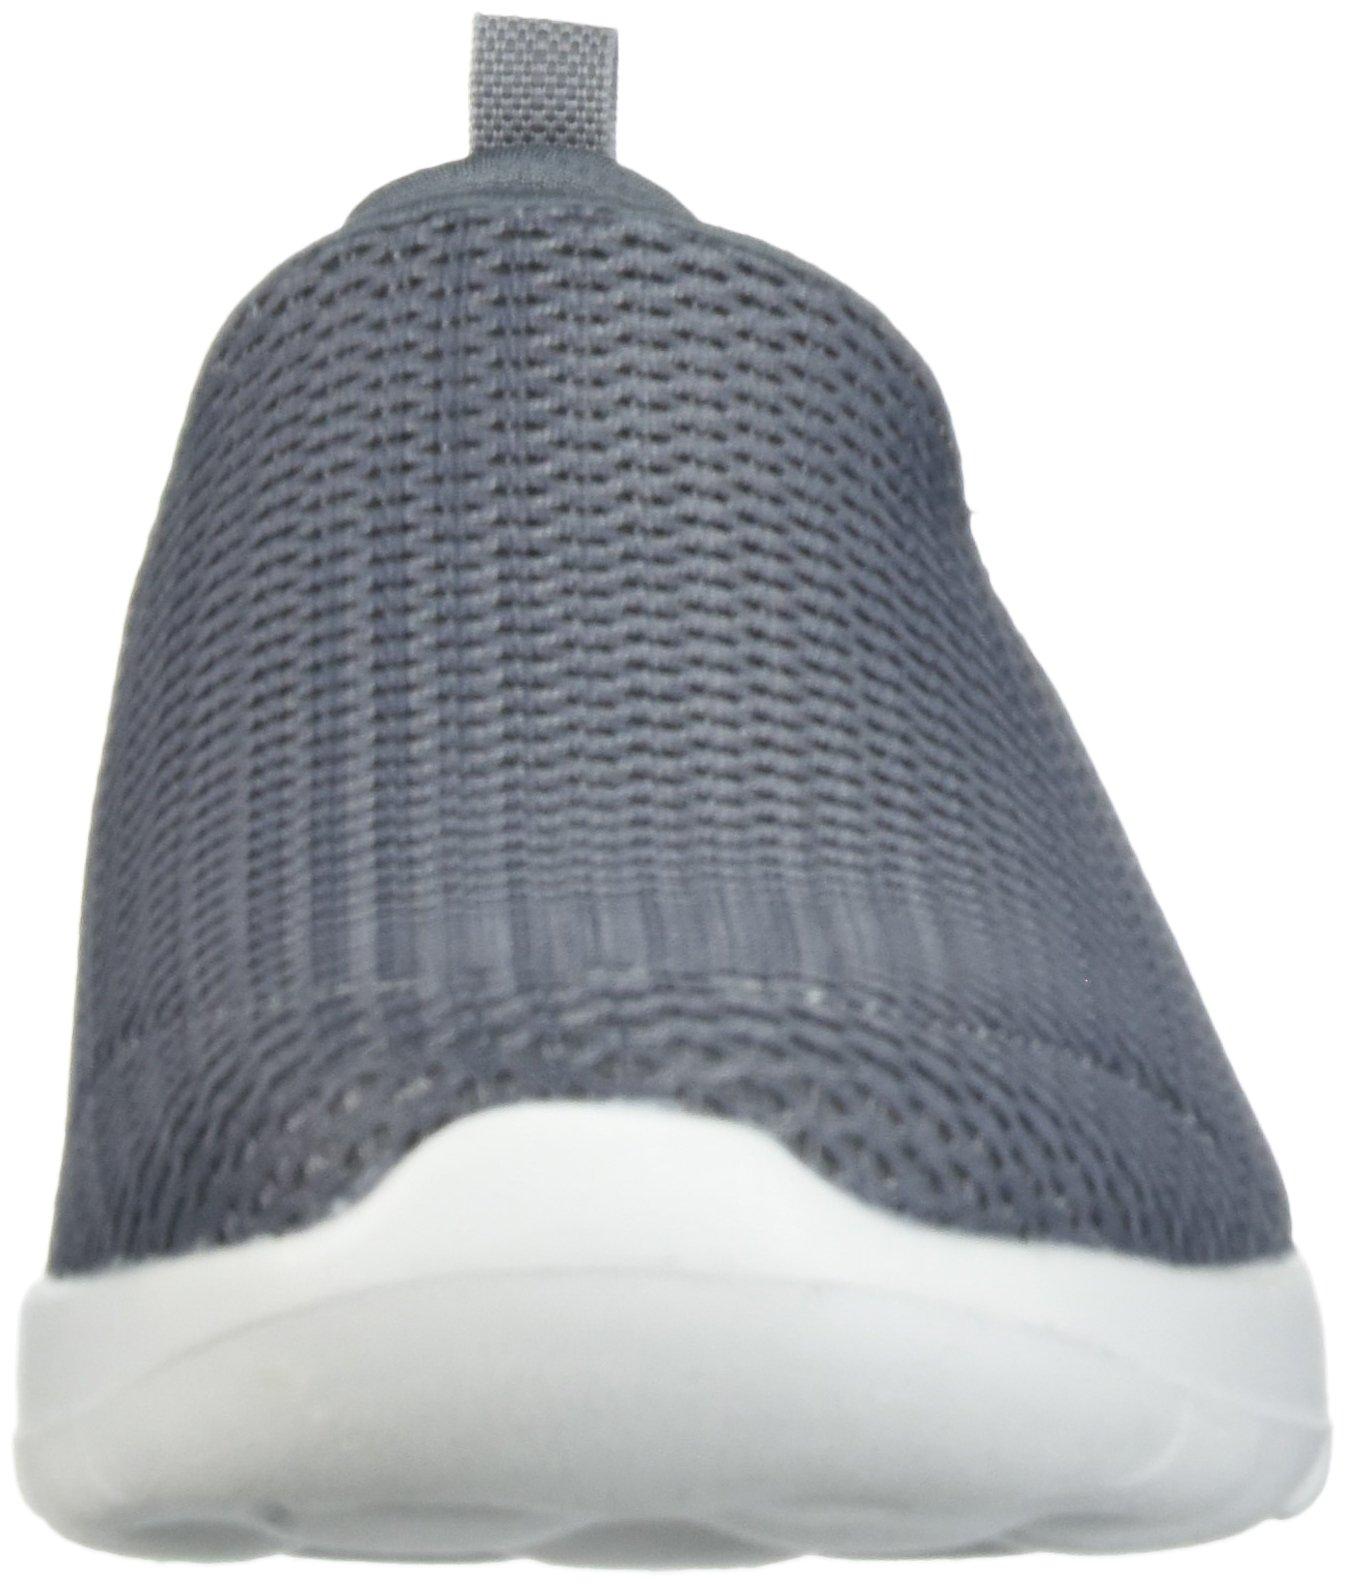 Skechers Performance Women's Go Walk Joy Walking Shoe,charcoal,5 M US by Skechers (Image #4)